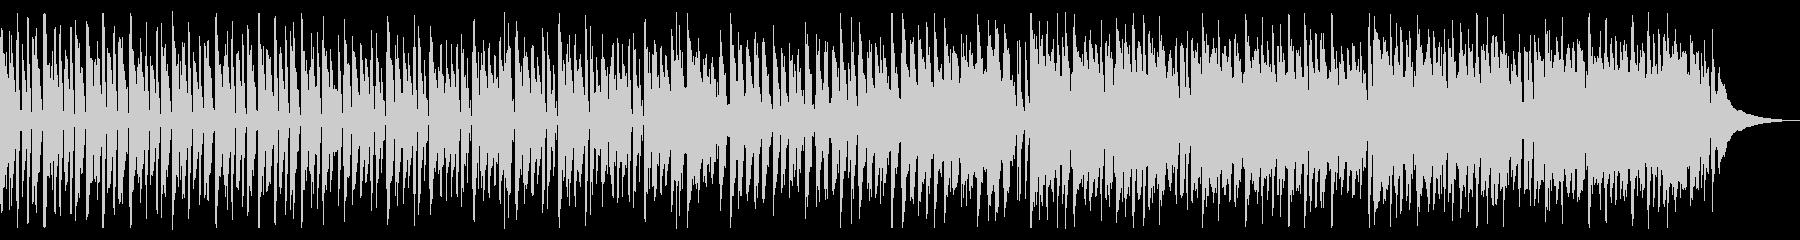 ノリノリなディスコ_3の未再生の波形